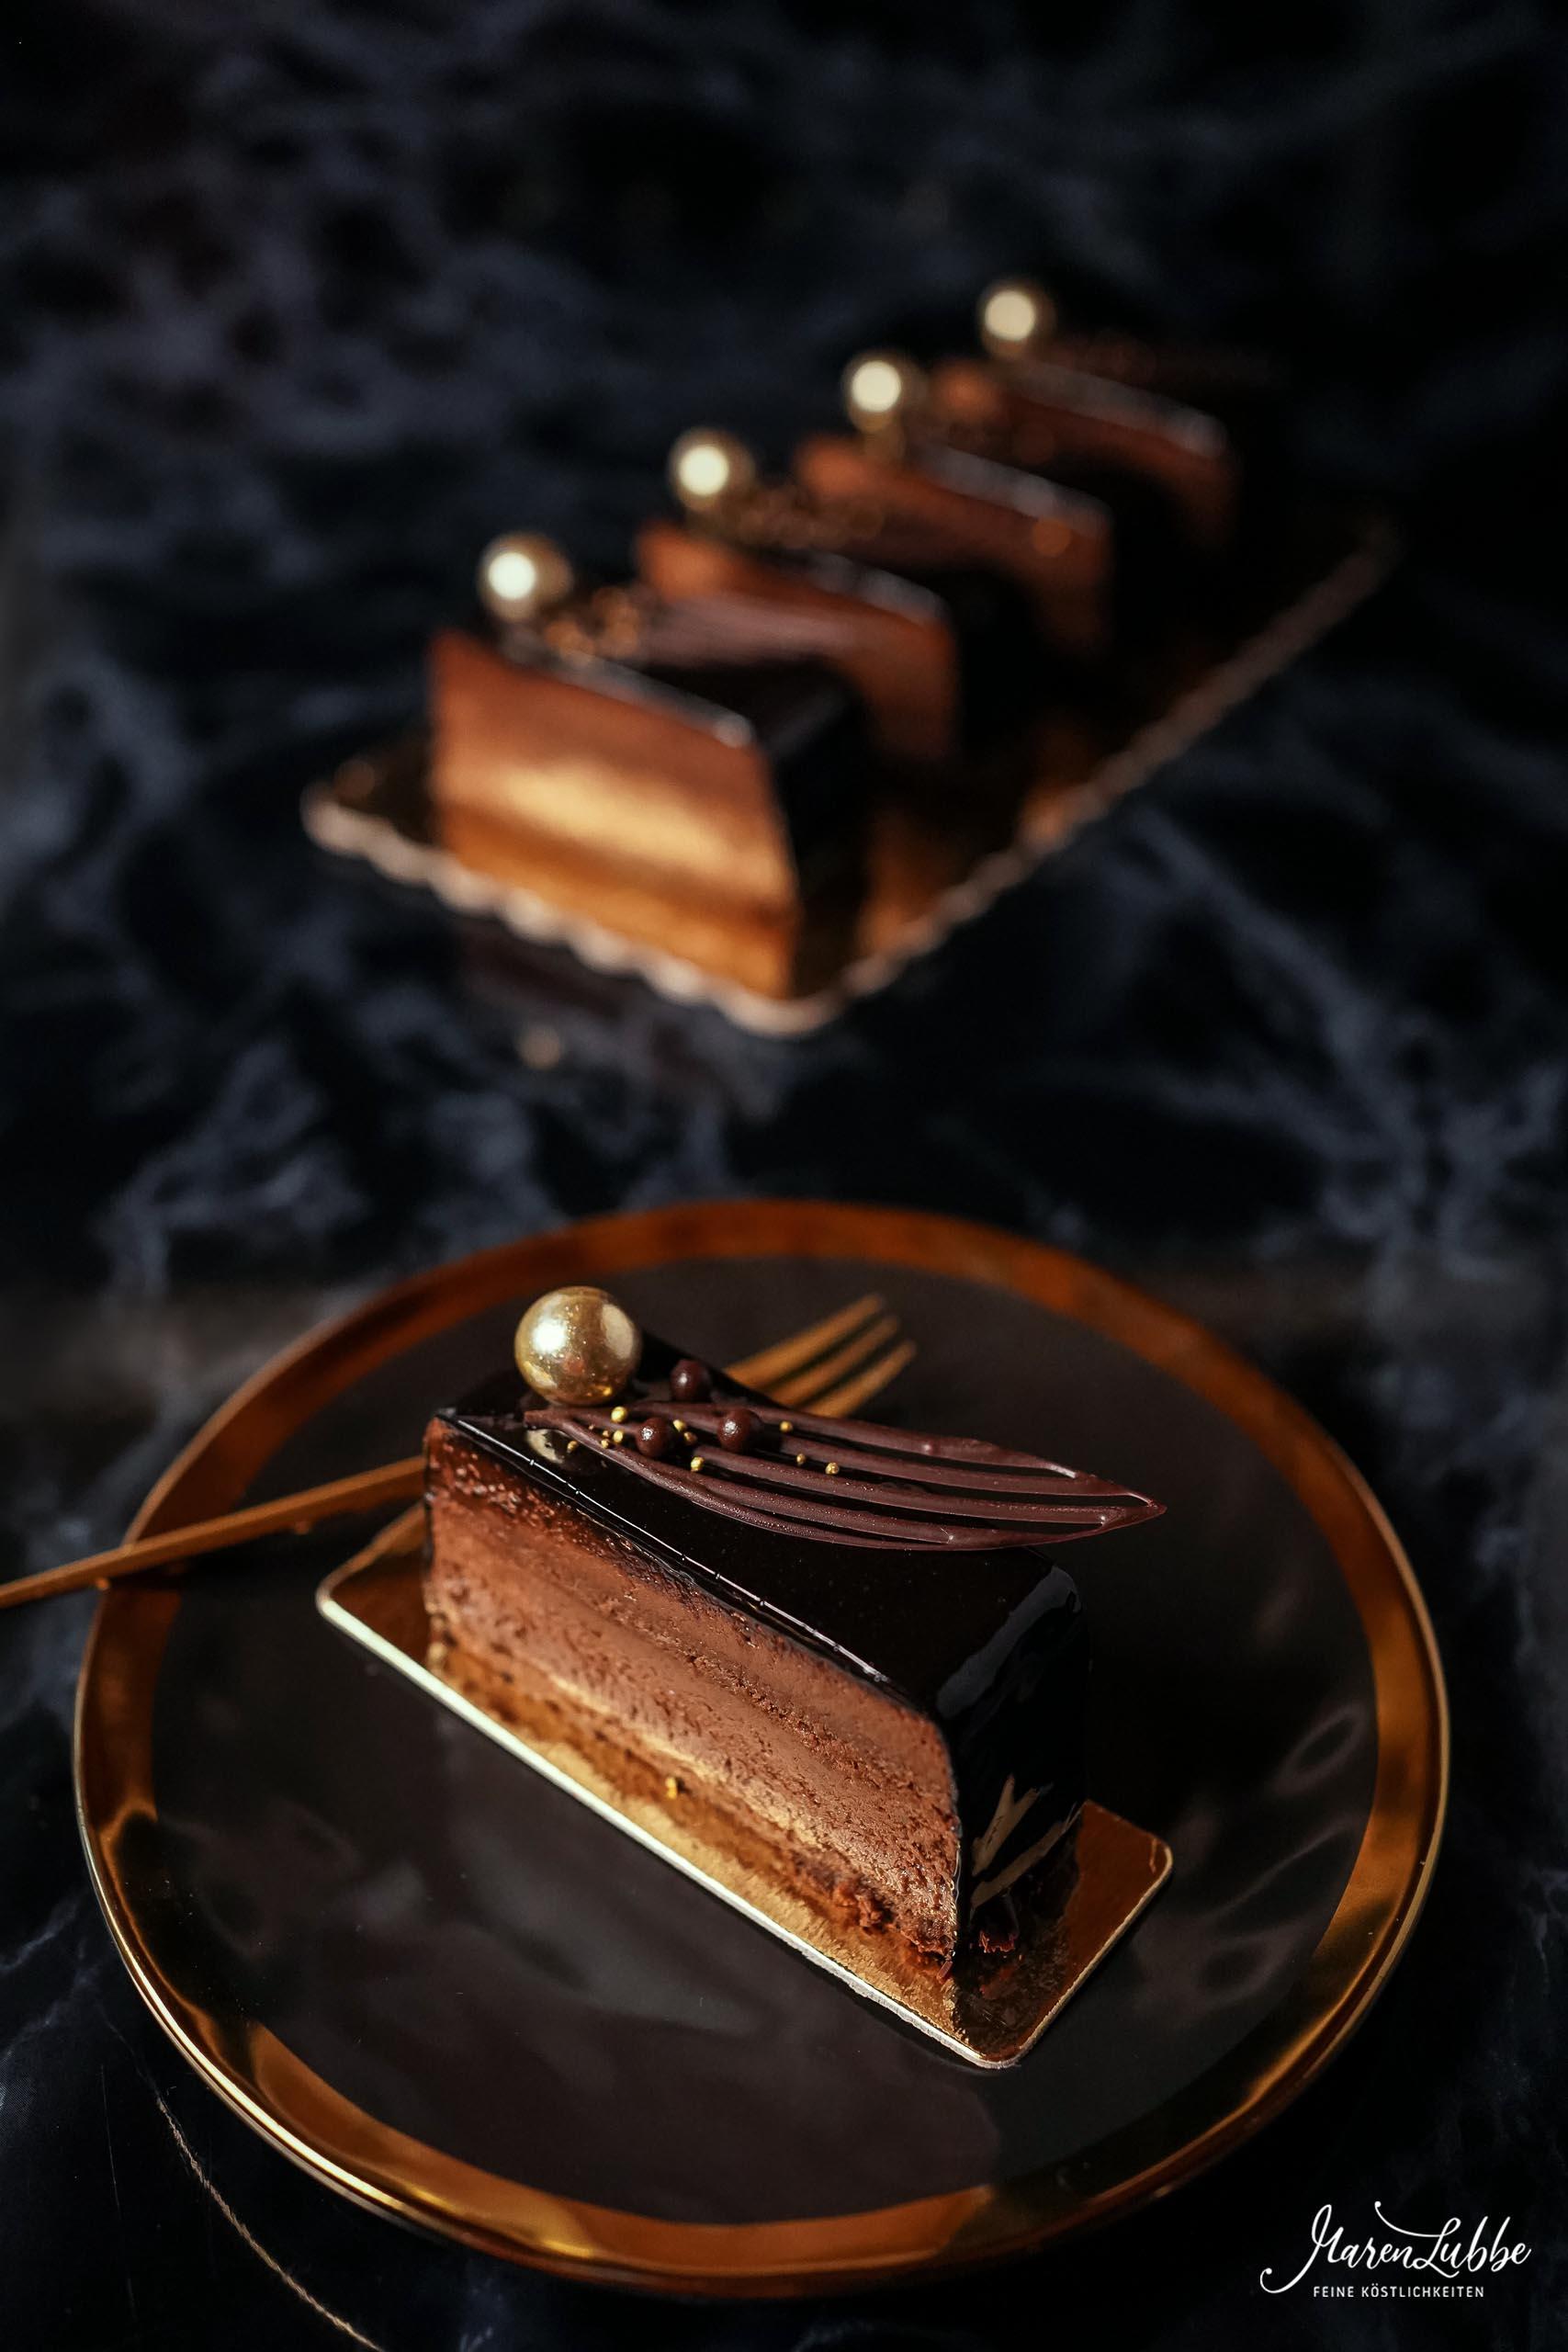 Élegance - Feine Schokoladenschnitten